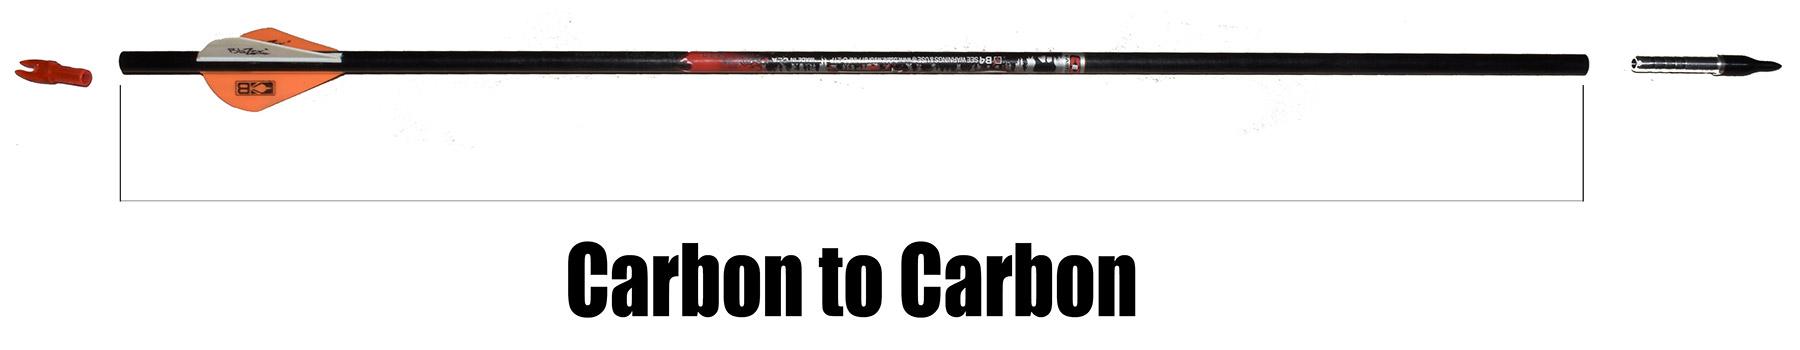 Measure Arrow Length - Carbon to Carbon